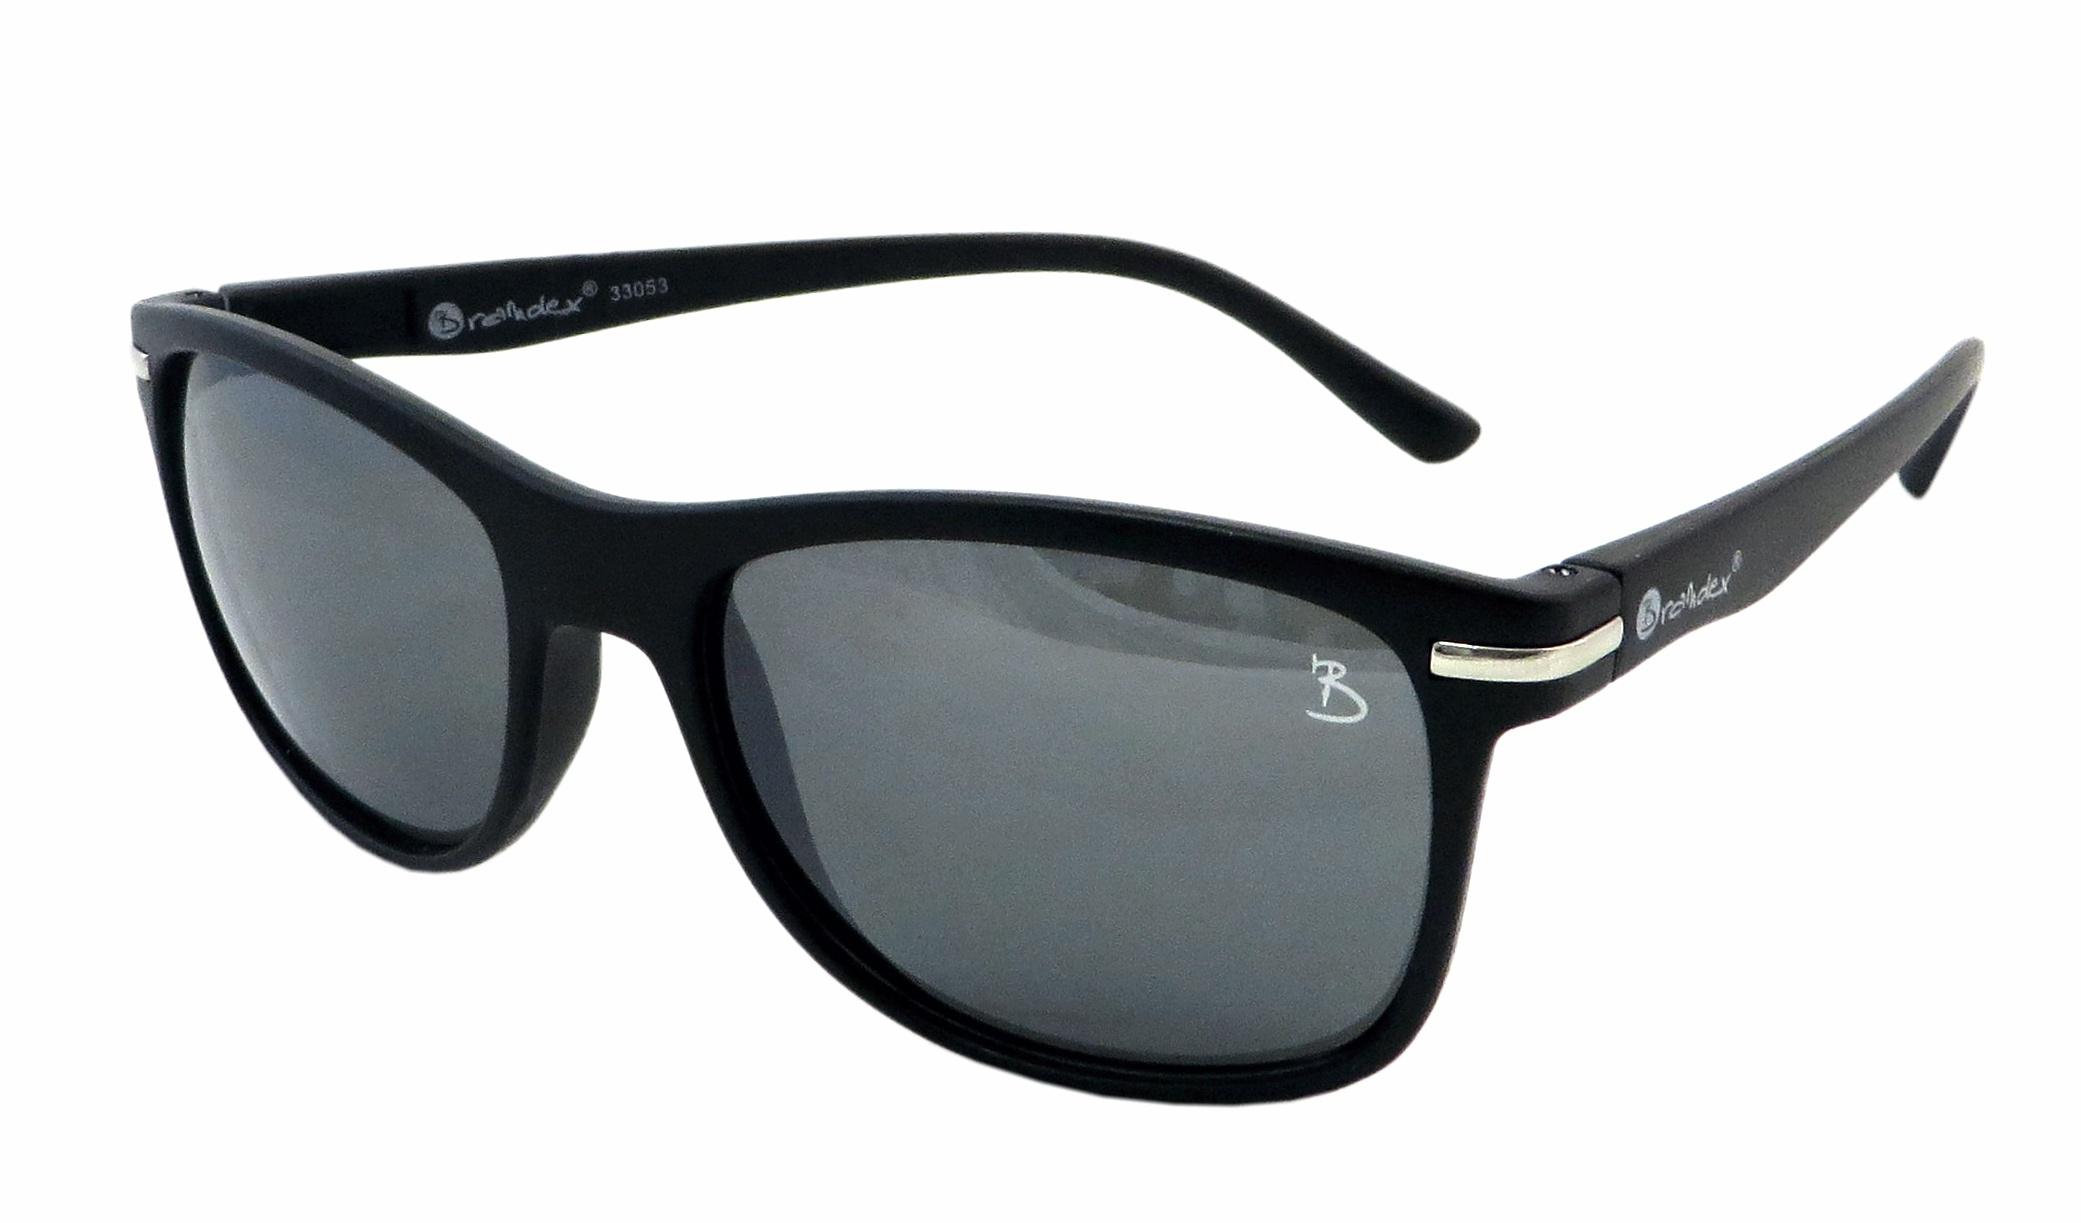 Rodzaje okularów przeciwsłonecznych: Wayfarer - nie tylko dla kujonów